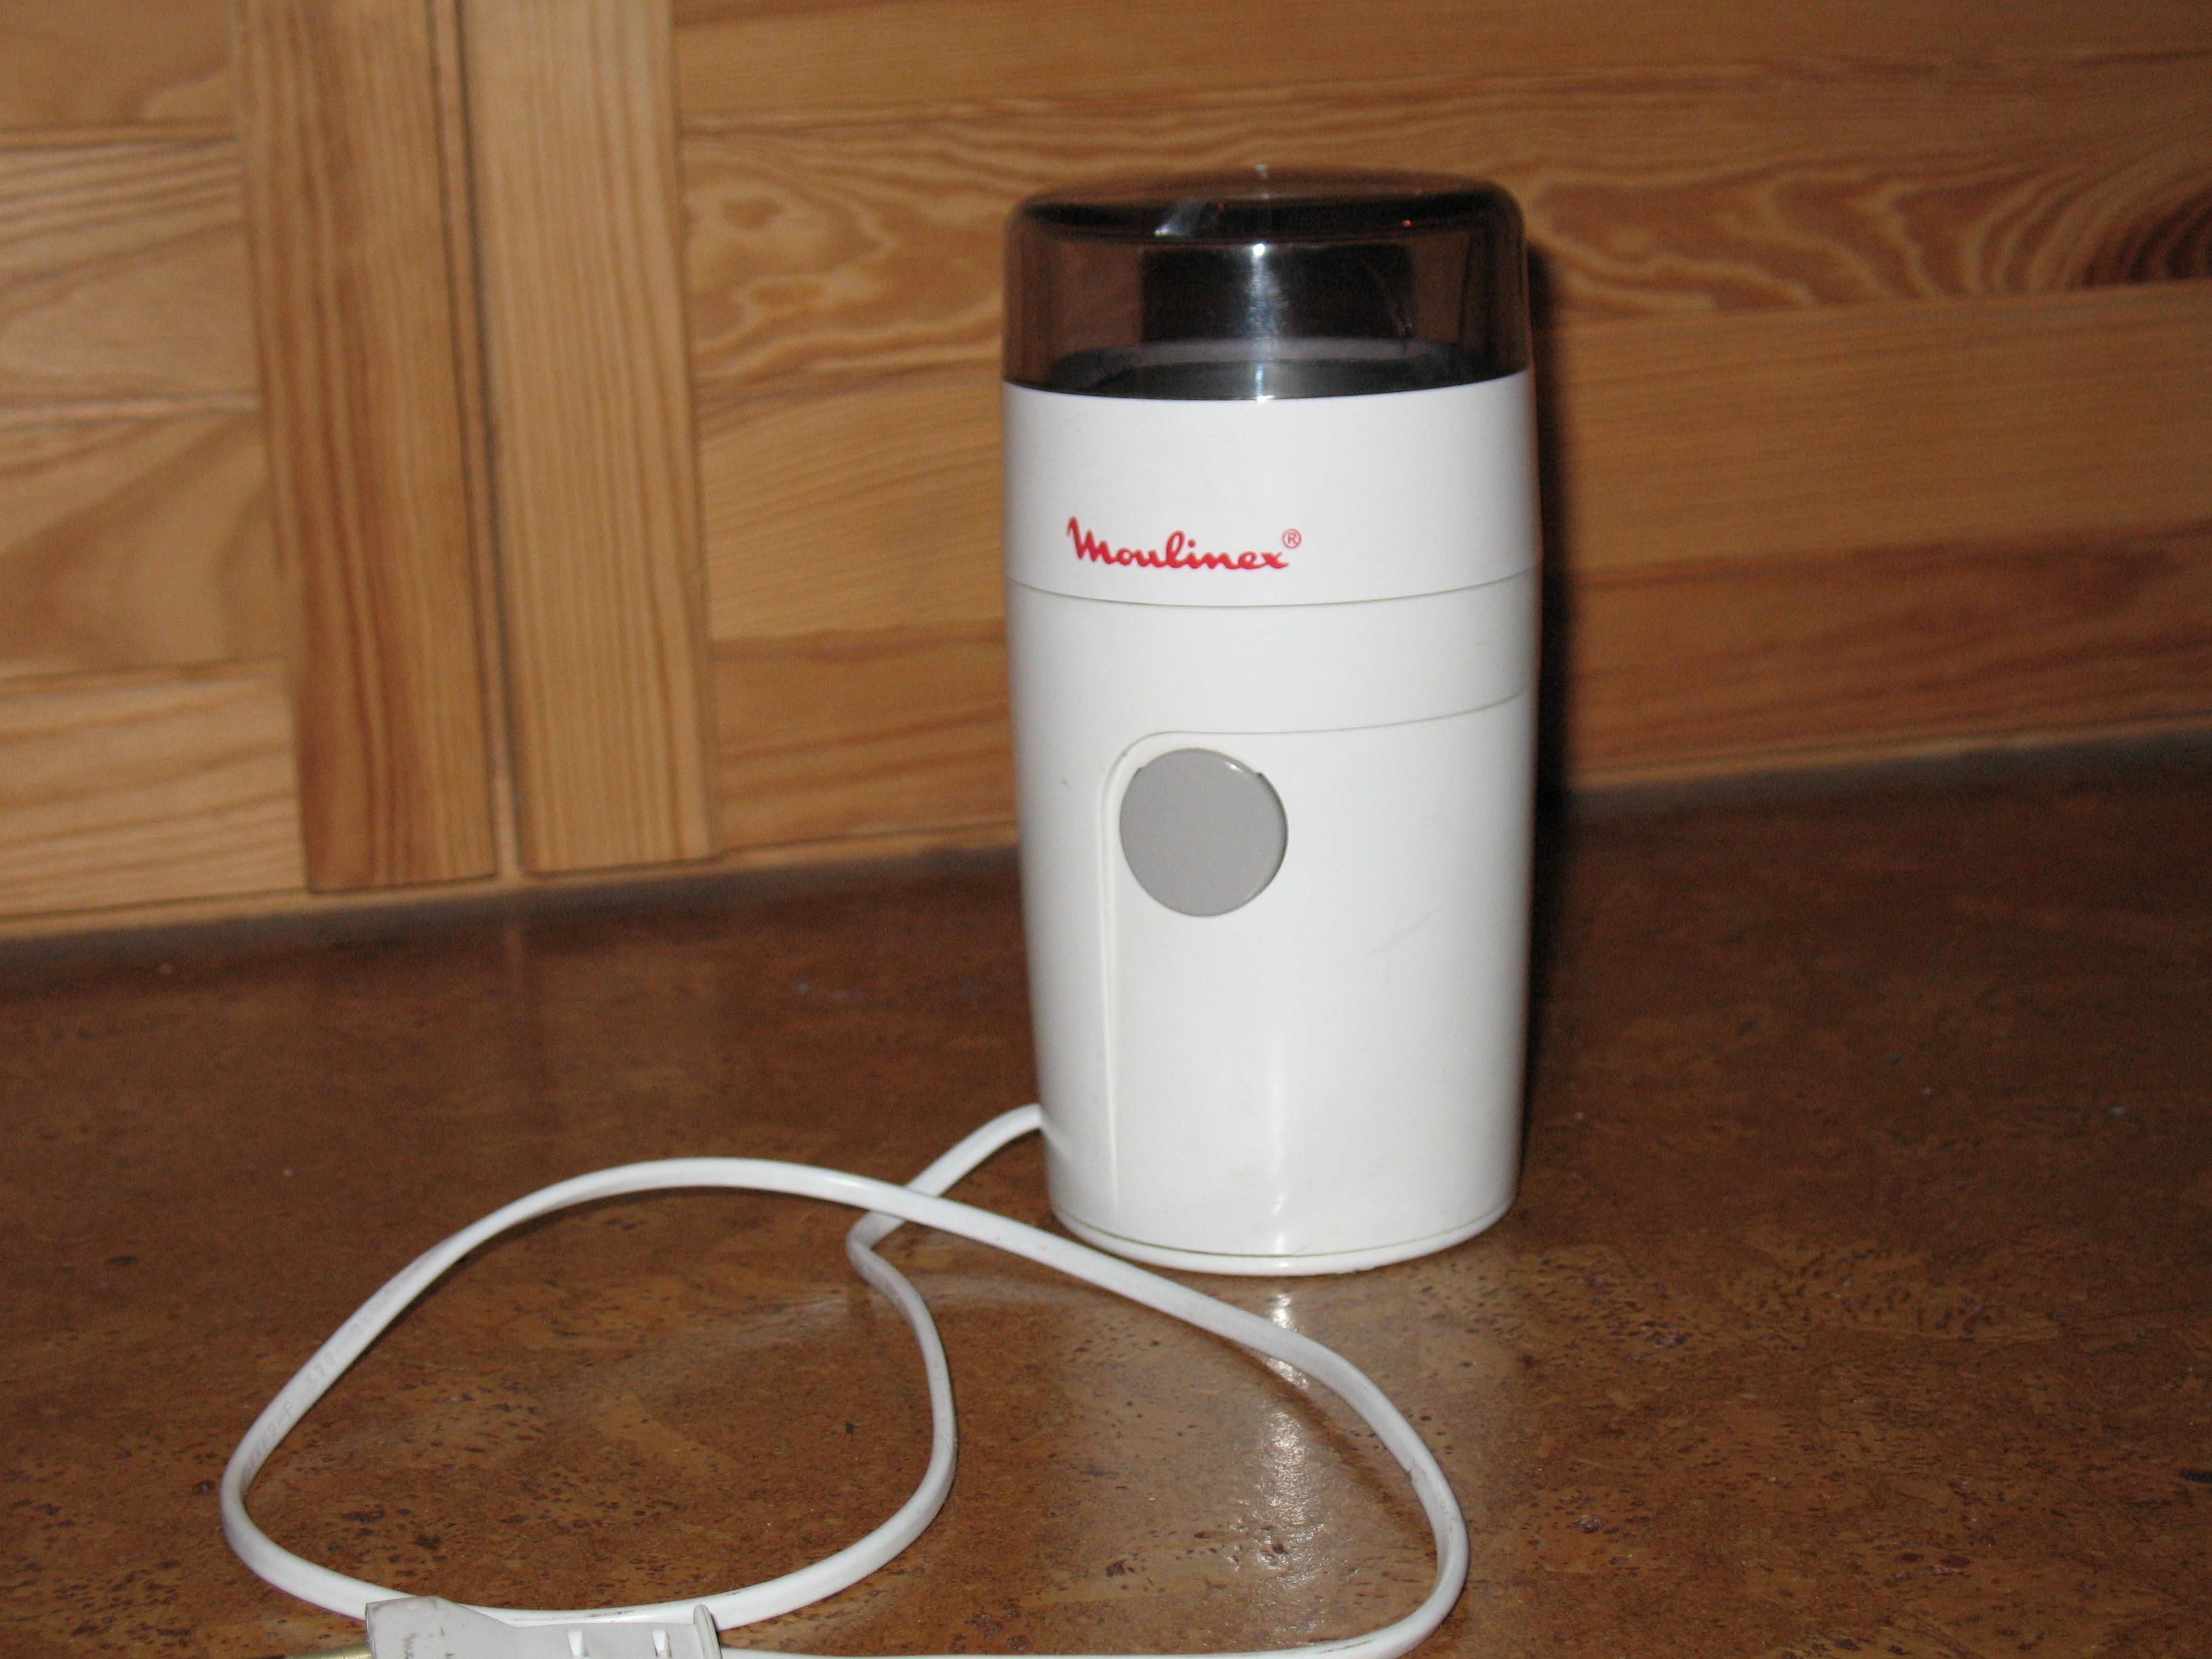 moulinex kaffeemühle